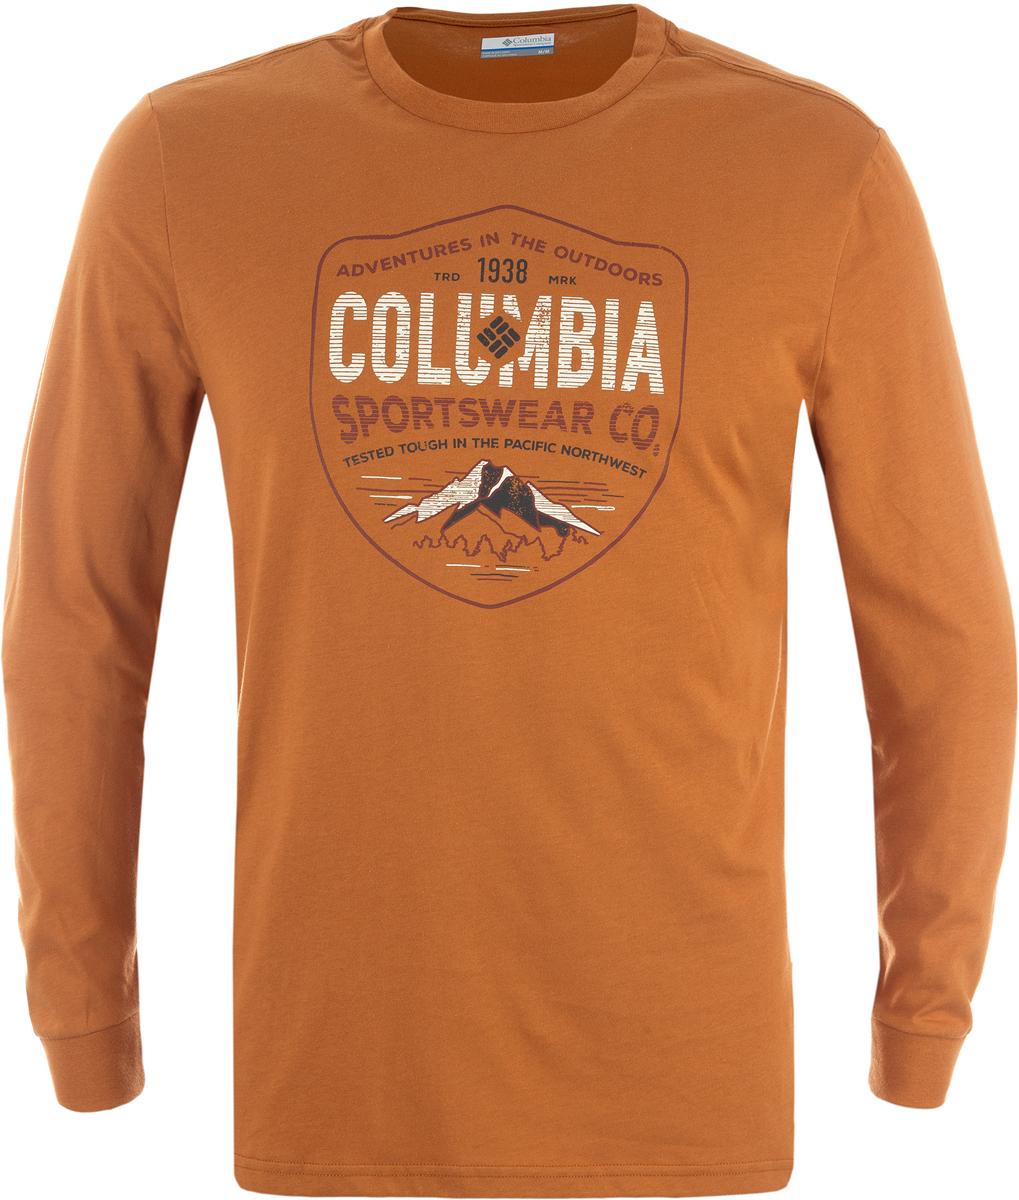 Лонгслив мужской Columbia Rugged Shield Ls M T-Shirt, цвет: коричневый. 1739411-708. Размер S (44/46)1739411-708Мужской лонгслив Rugged Shield от Columbia, выполненный из натуральных тканей прекрасно дополнит гардероб. Модель прямого кроя с длинными рукавами и круглым вырезом горловины. Спереди изделие оформлено принтом с названием бренда.